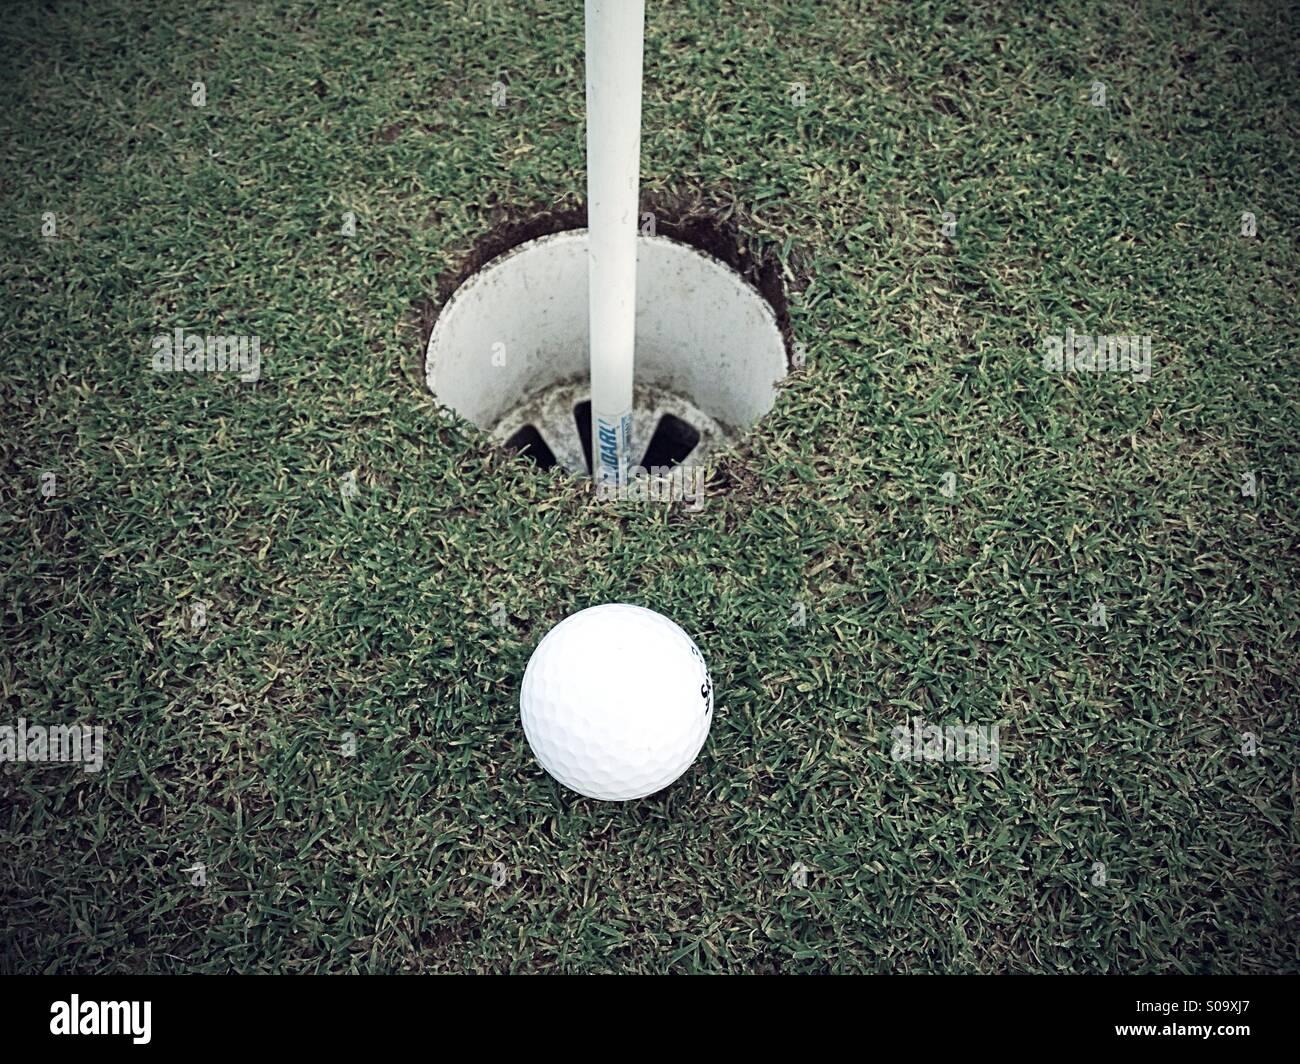 Golfball in der Nähe von Loch Stockbild